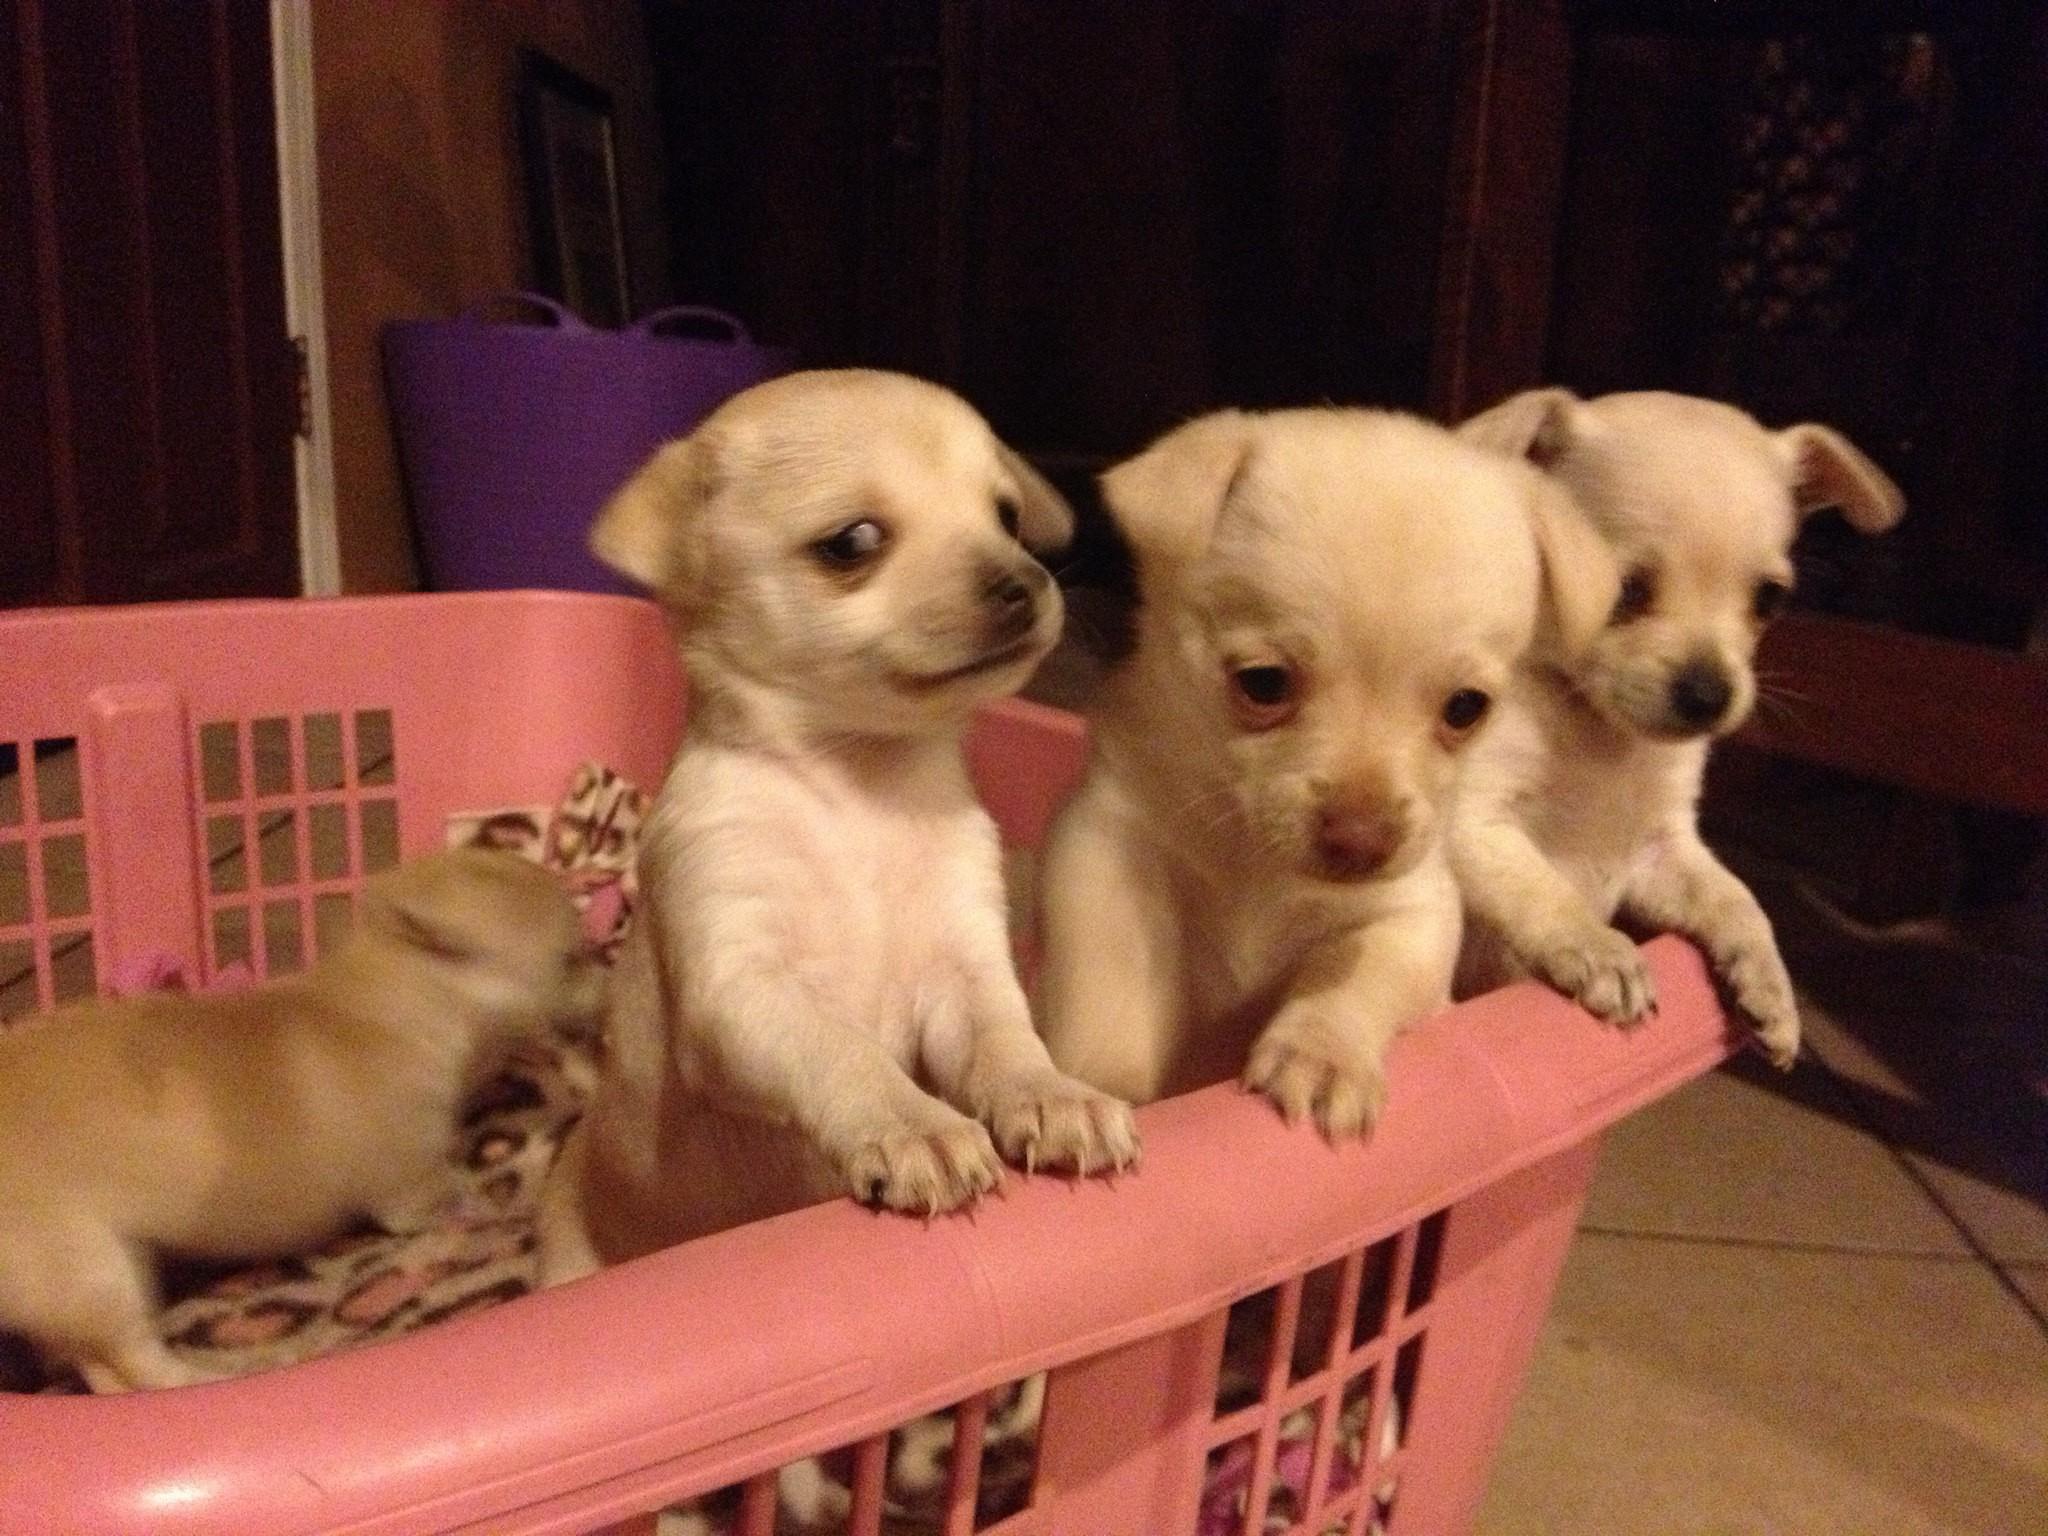 Mais de 200 cachorros foram encontrados na propriedade de Donna Roberts, em Nova Jersey, nos EUA (Foto: Flickr/Jennifer)